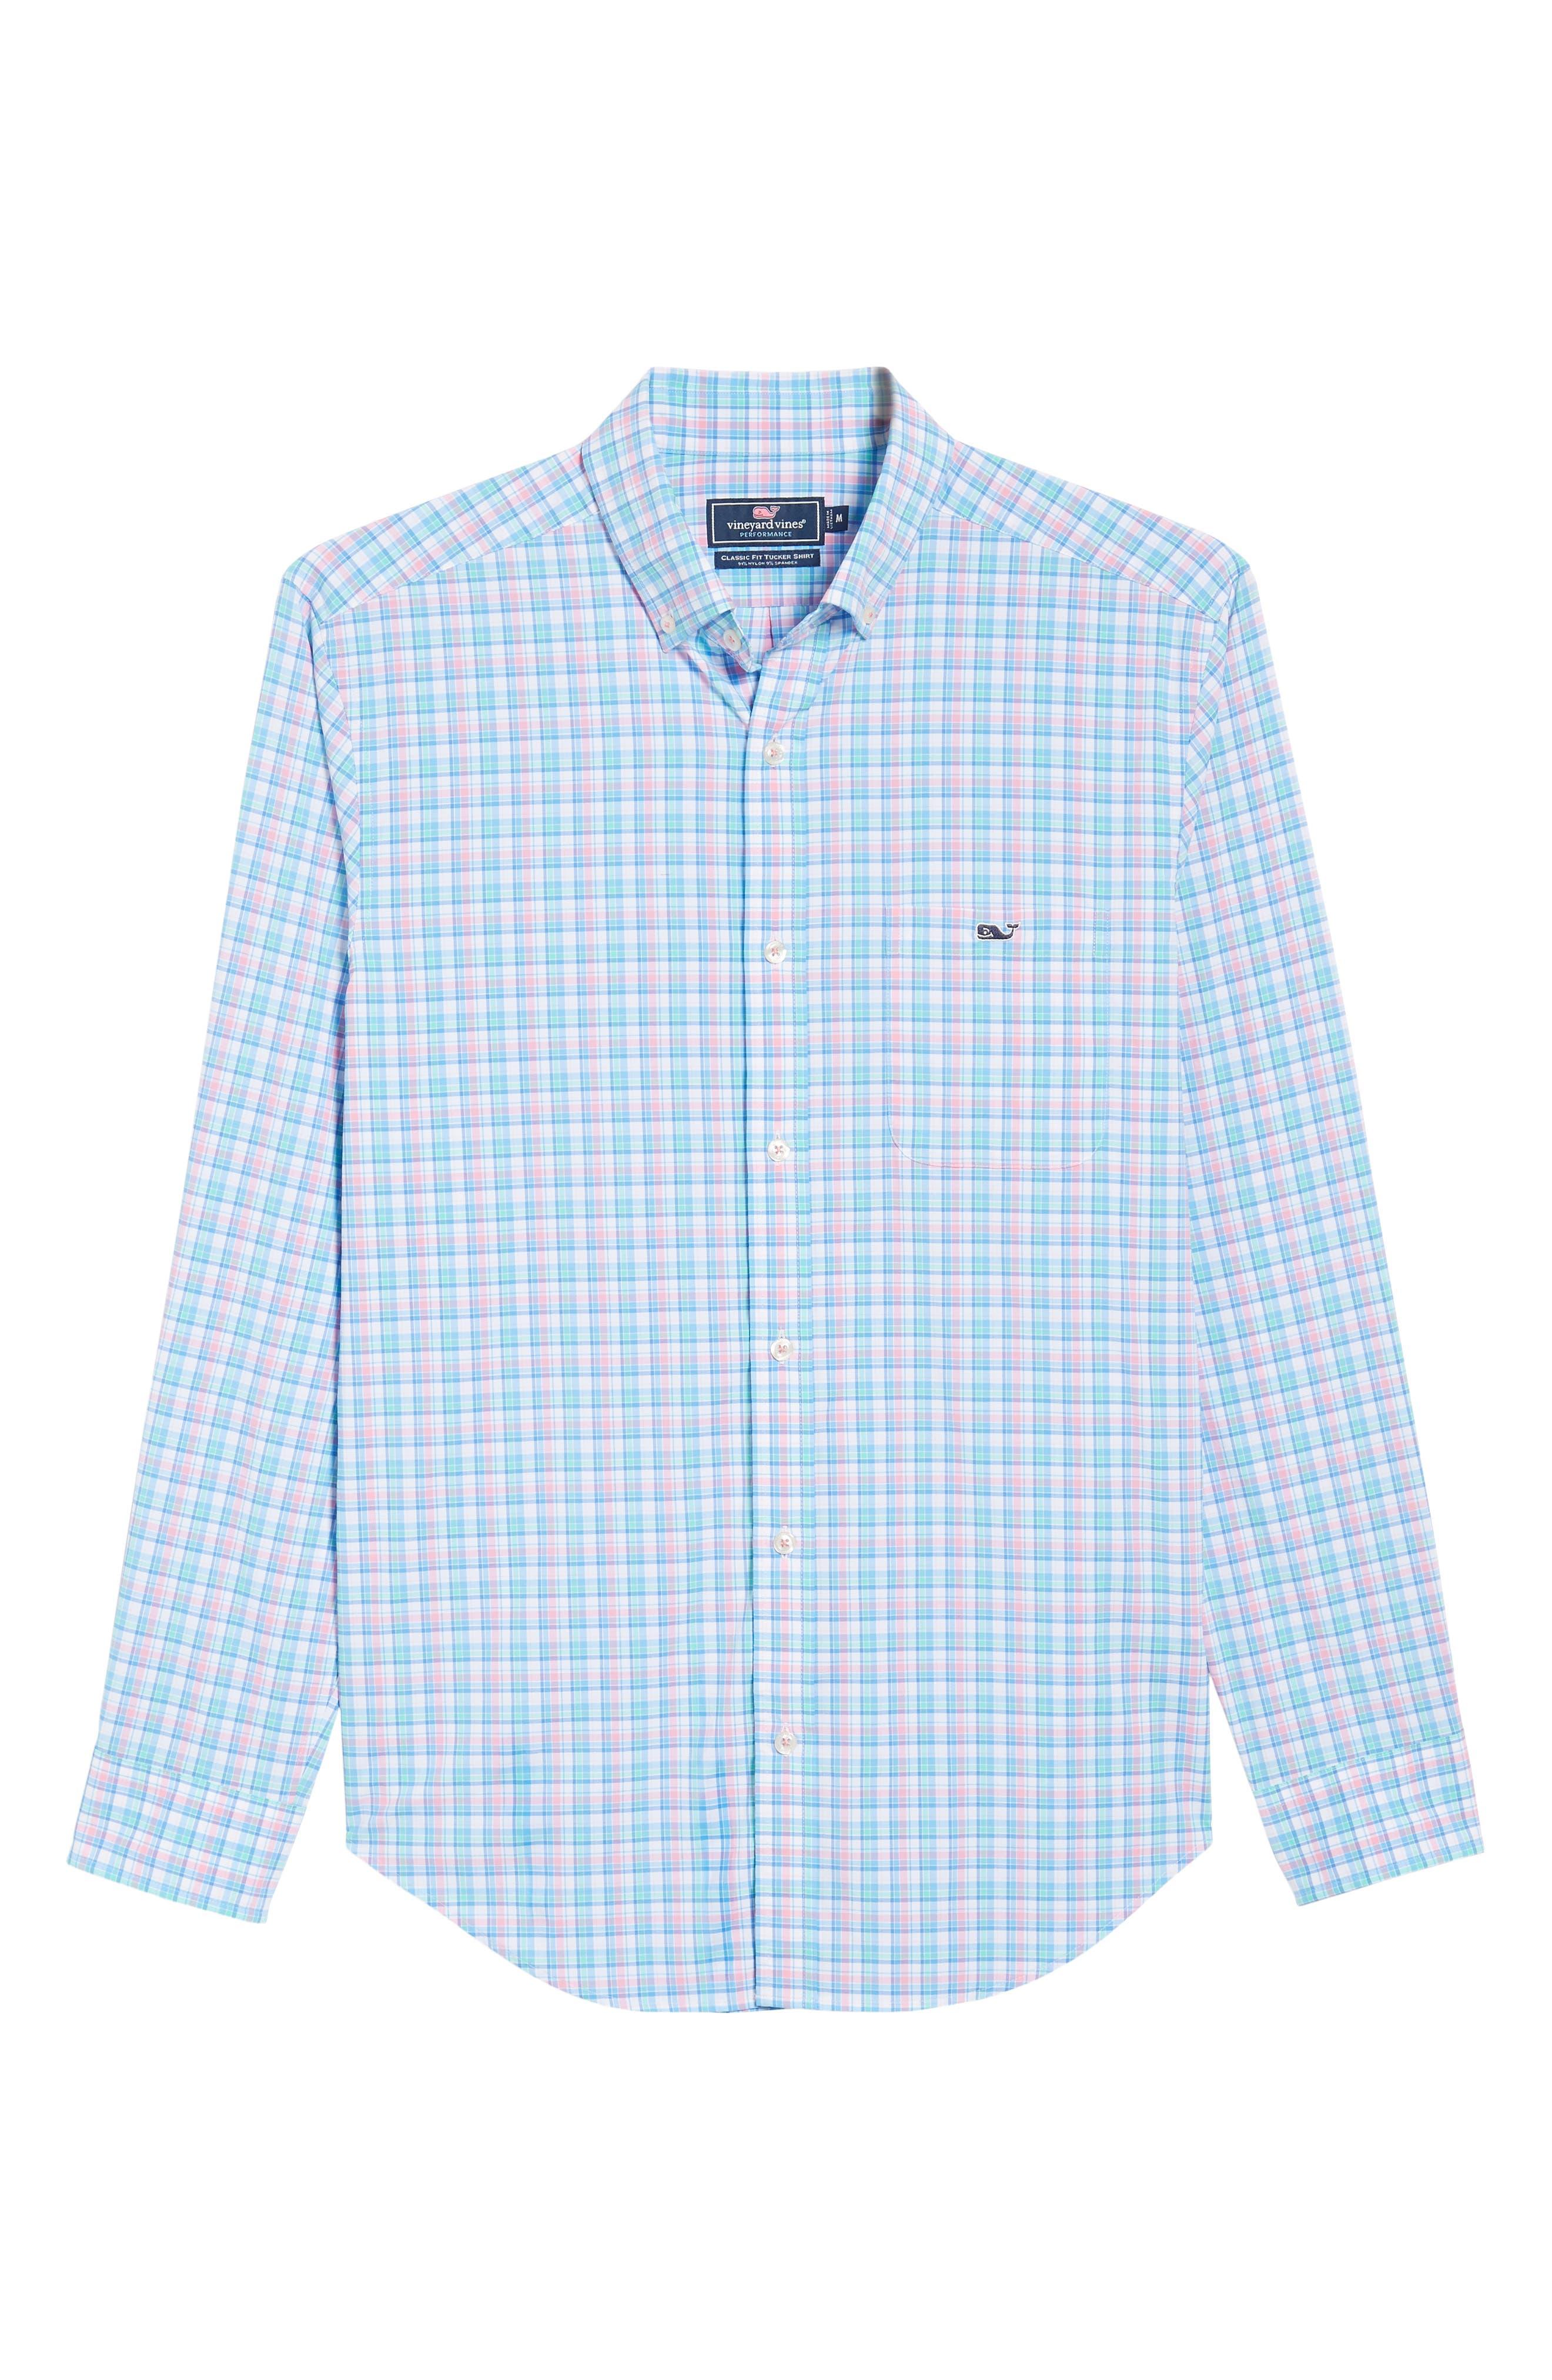 Tiki Bar Plaid Classic Fit Sport Shirt,                             Alternate thumbnail 6, color,                             650